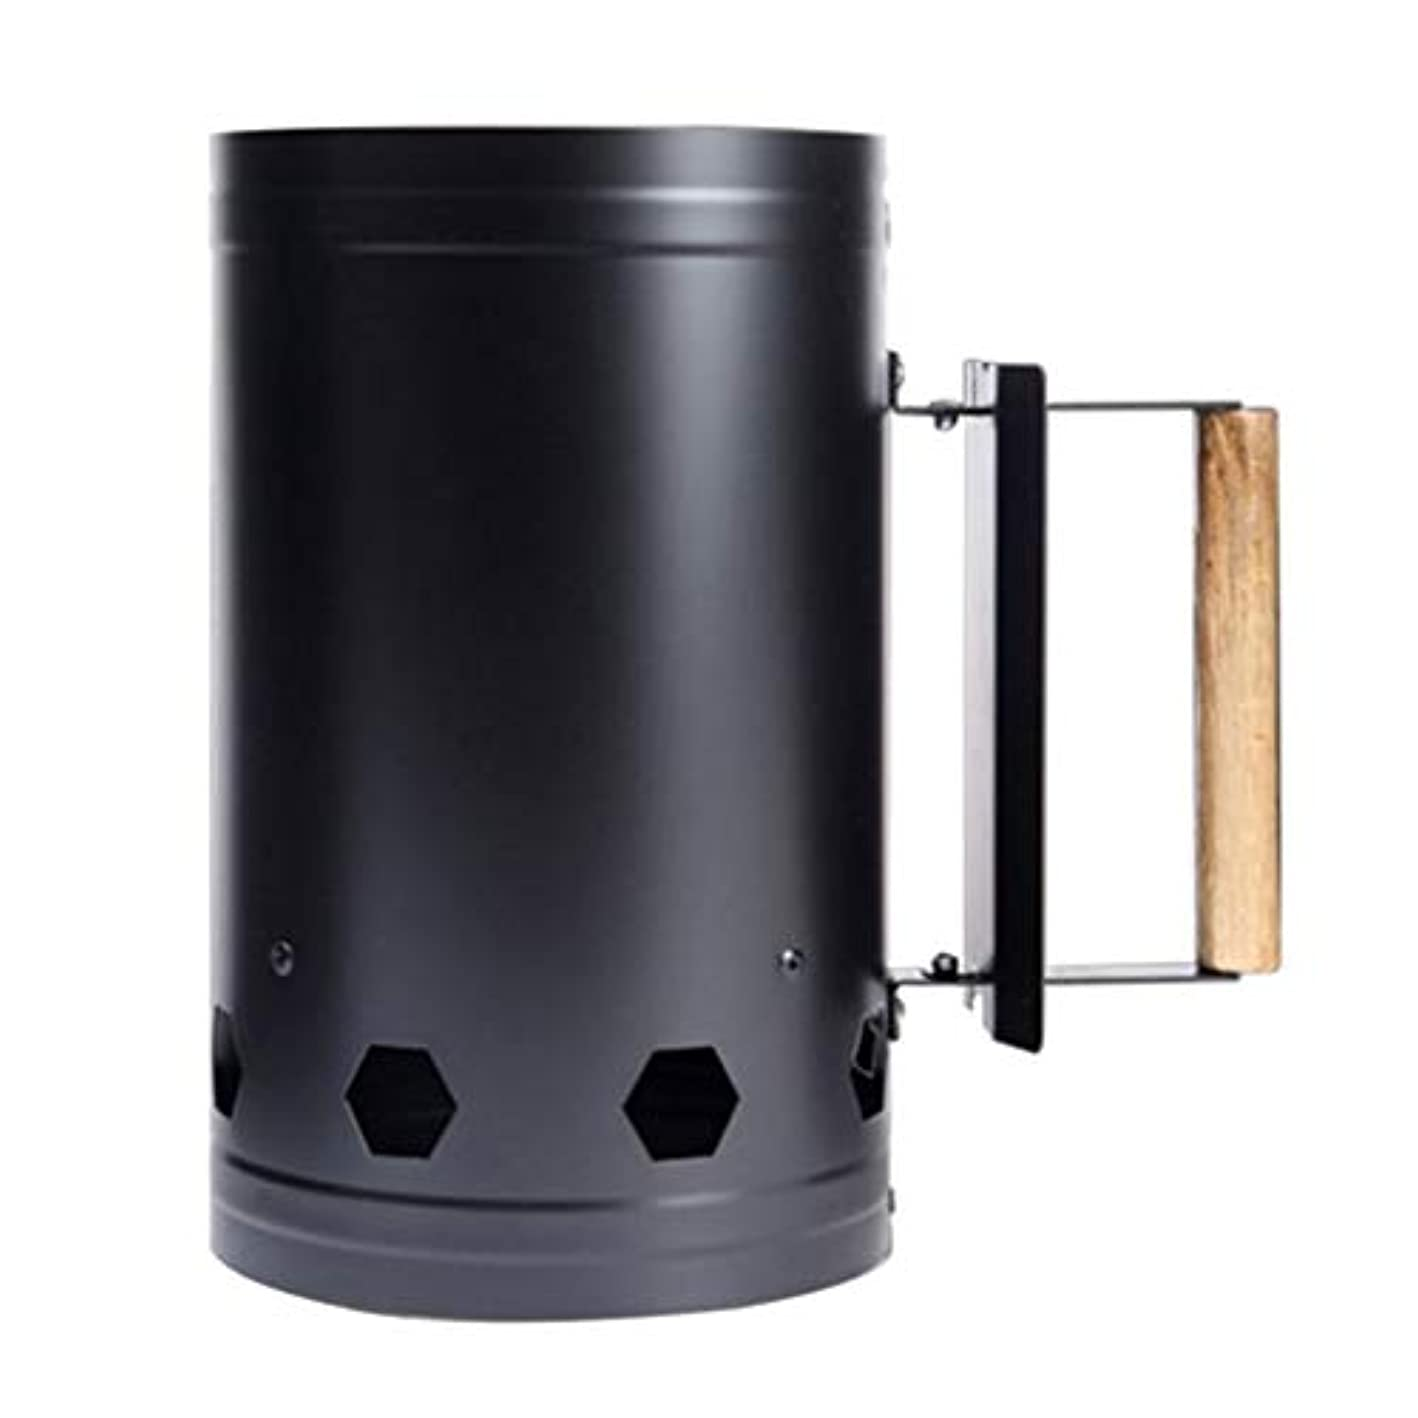 家主スパイラル記者Fenteer チャコールチムニースターター 木製ハンドル バーベキューチムニースターター 火おこし器 ブラック